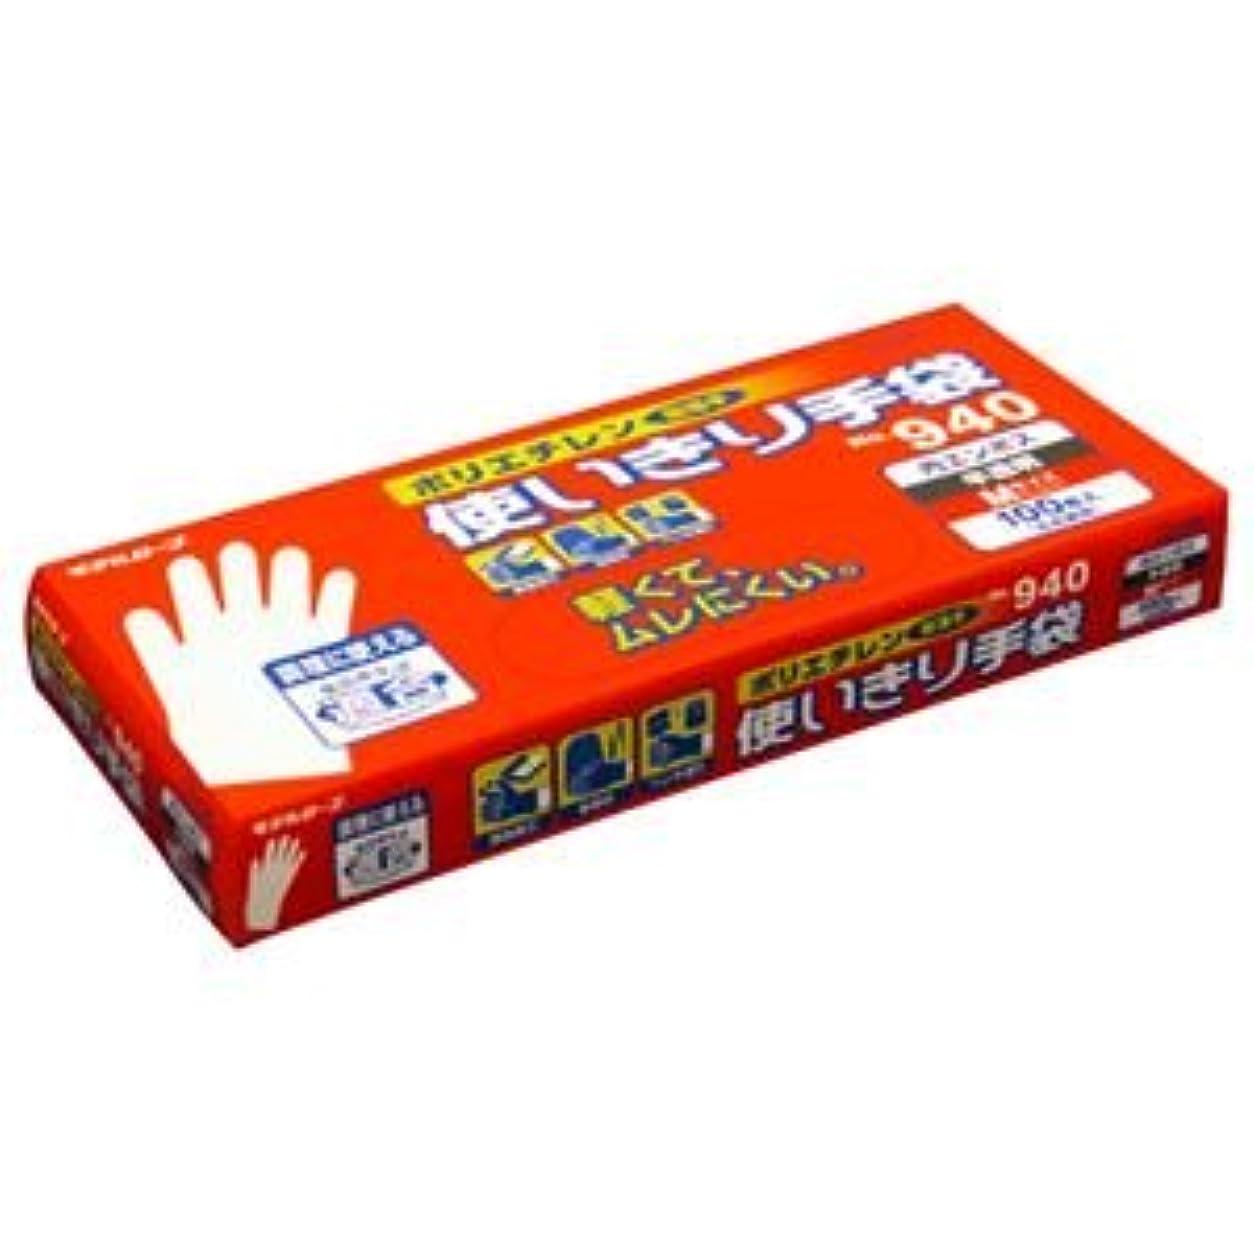 苦しみつまらないまだら(まとめ) エステー No.940 ポリエチレン使いきり手袋(内エンボス) M 1箱(100枚) 【×10セット】 ds-1580600